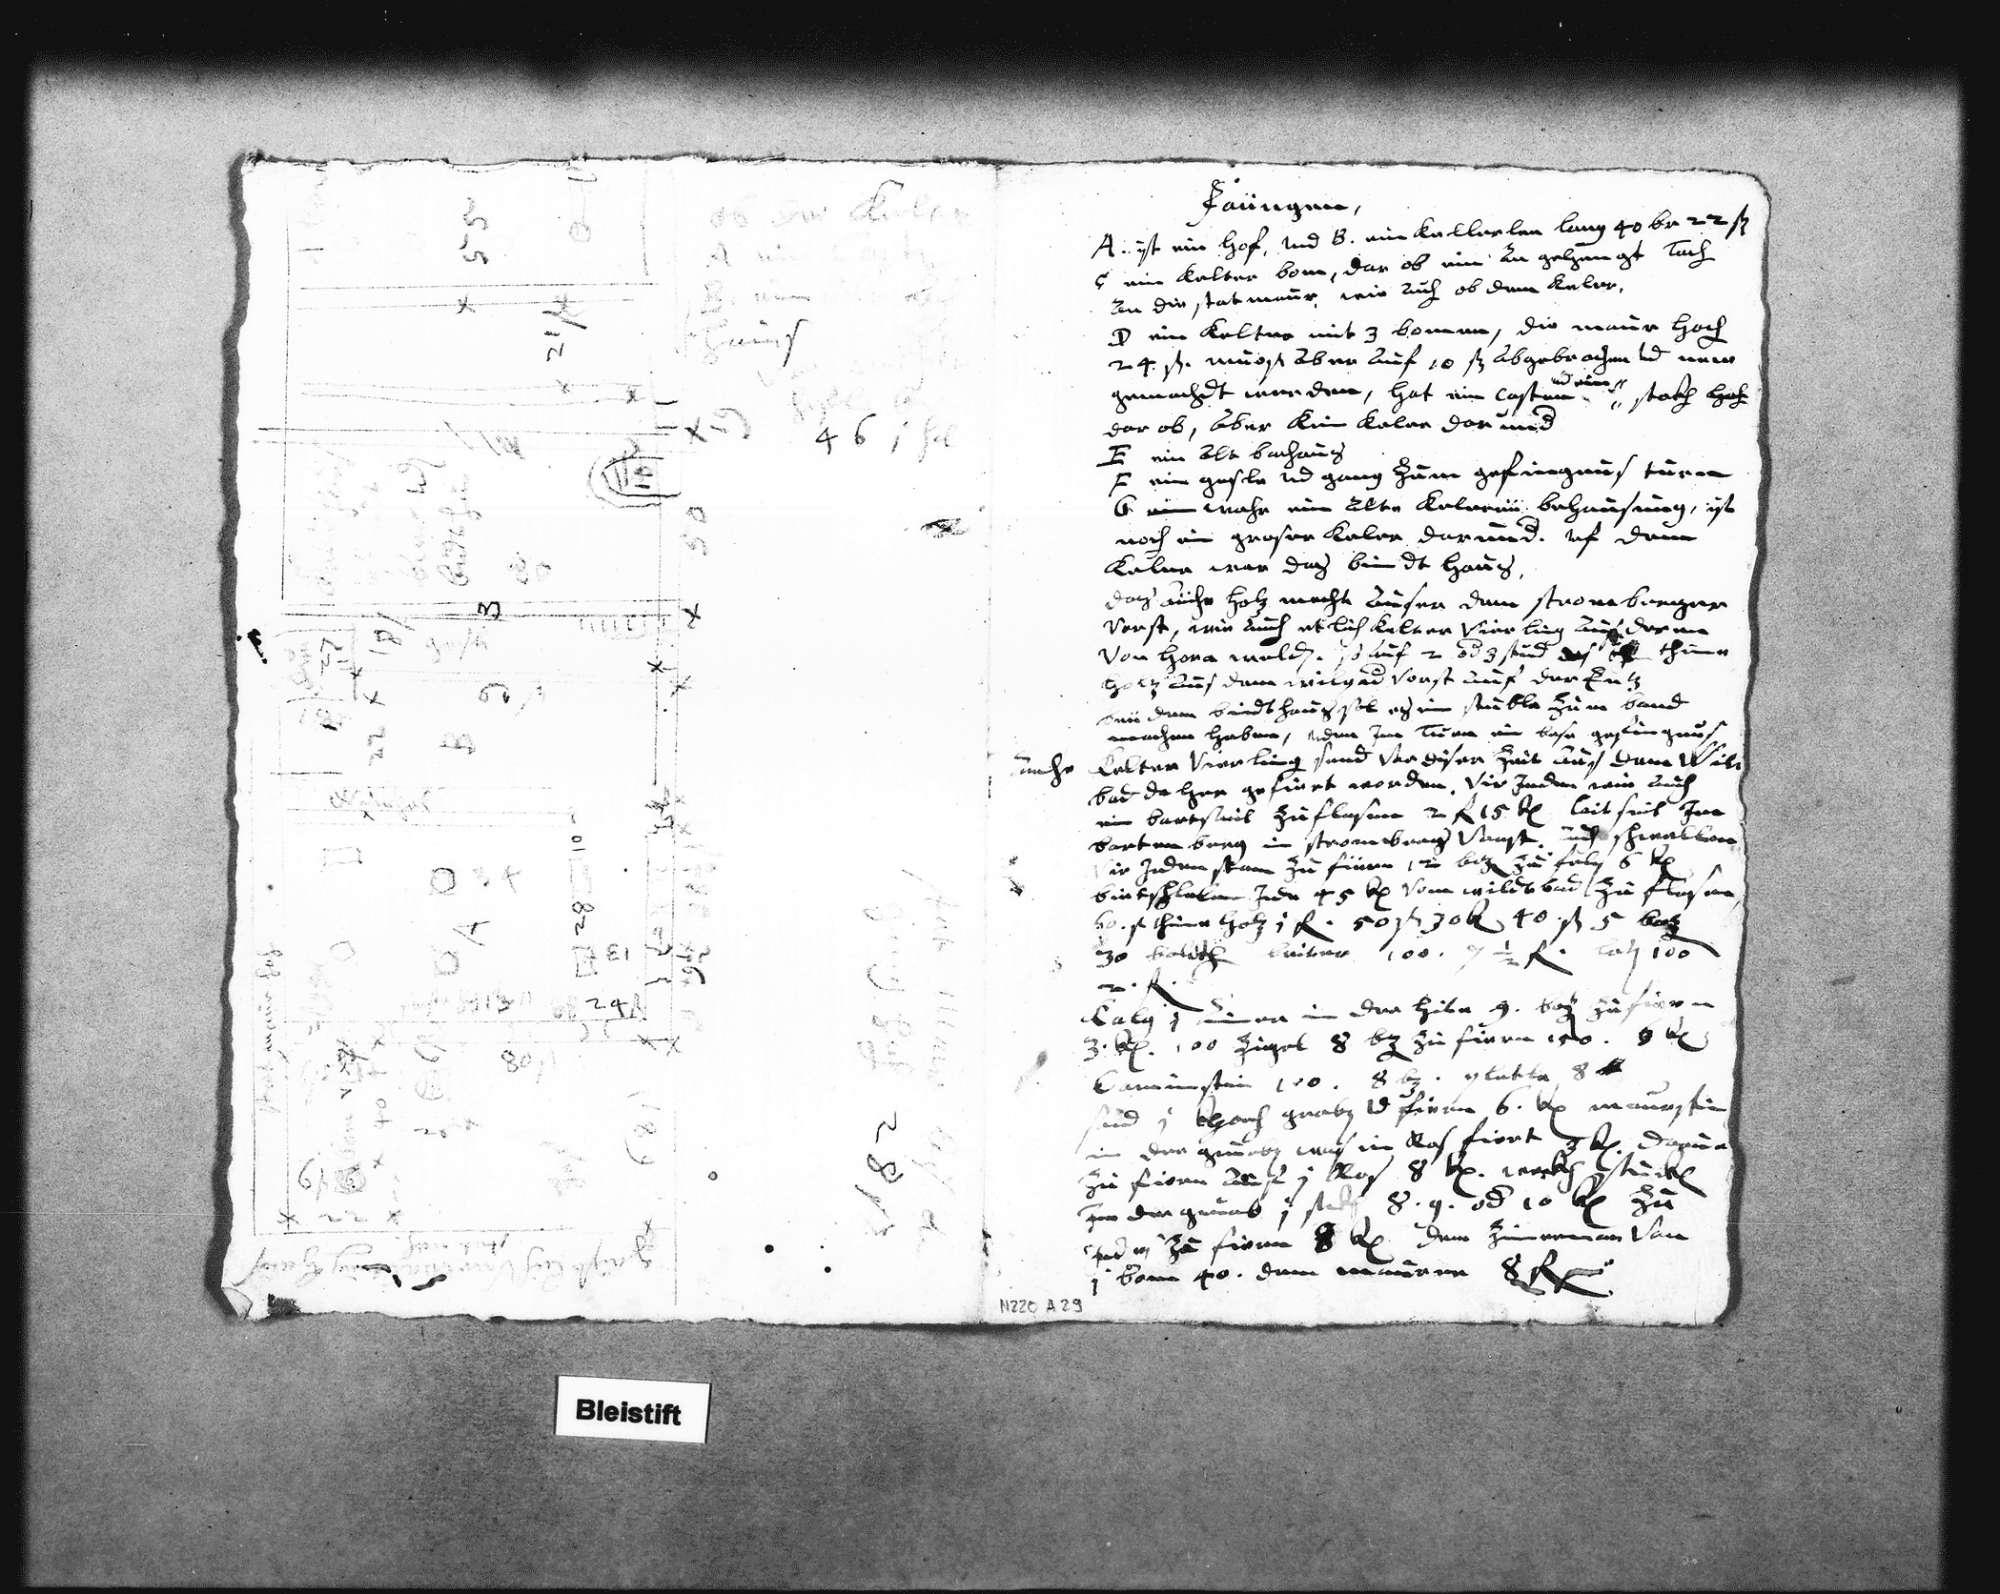 Tintenskizze mit Angabe der Lage und Maße der abgebrannten wiederaufzubauenden Gebäude (18 x 56 cm), Erläuterungen dazu (Folio), Bild 3